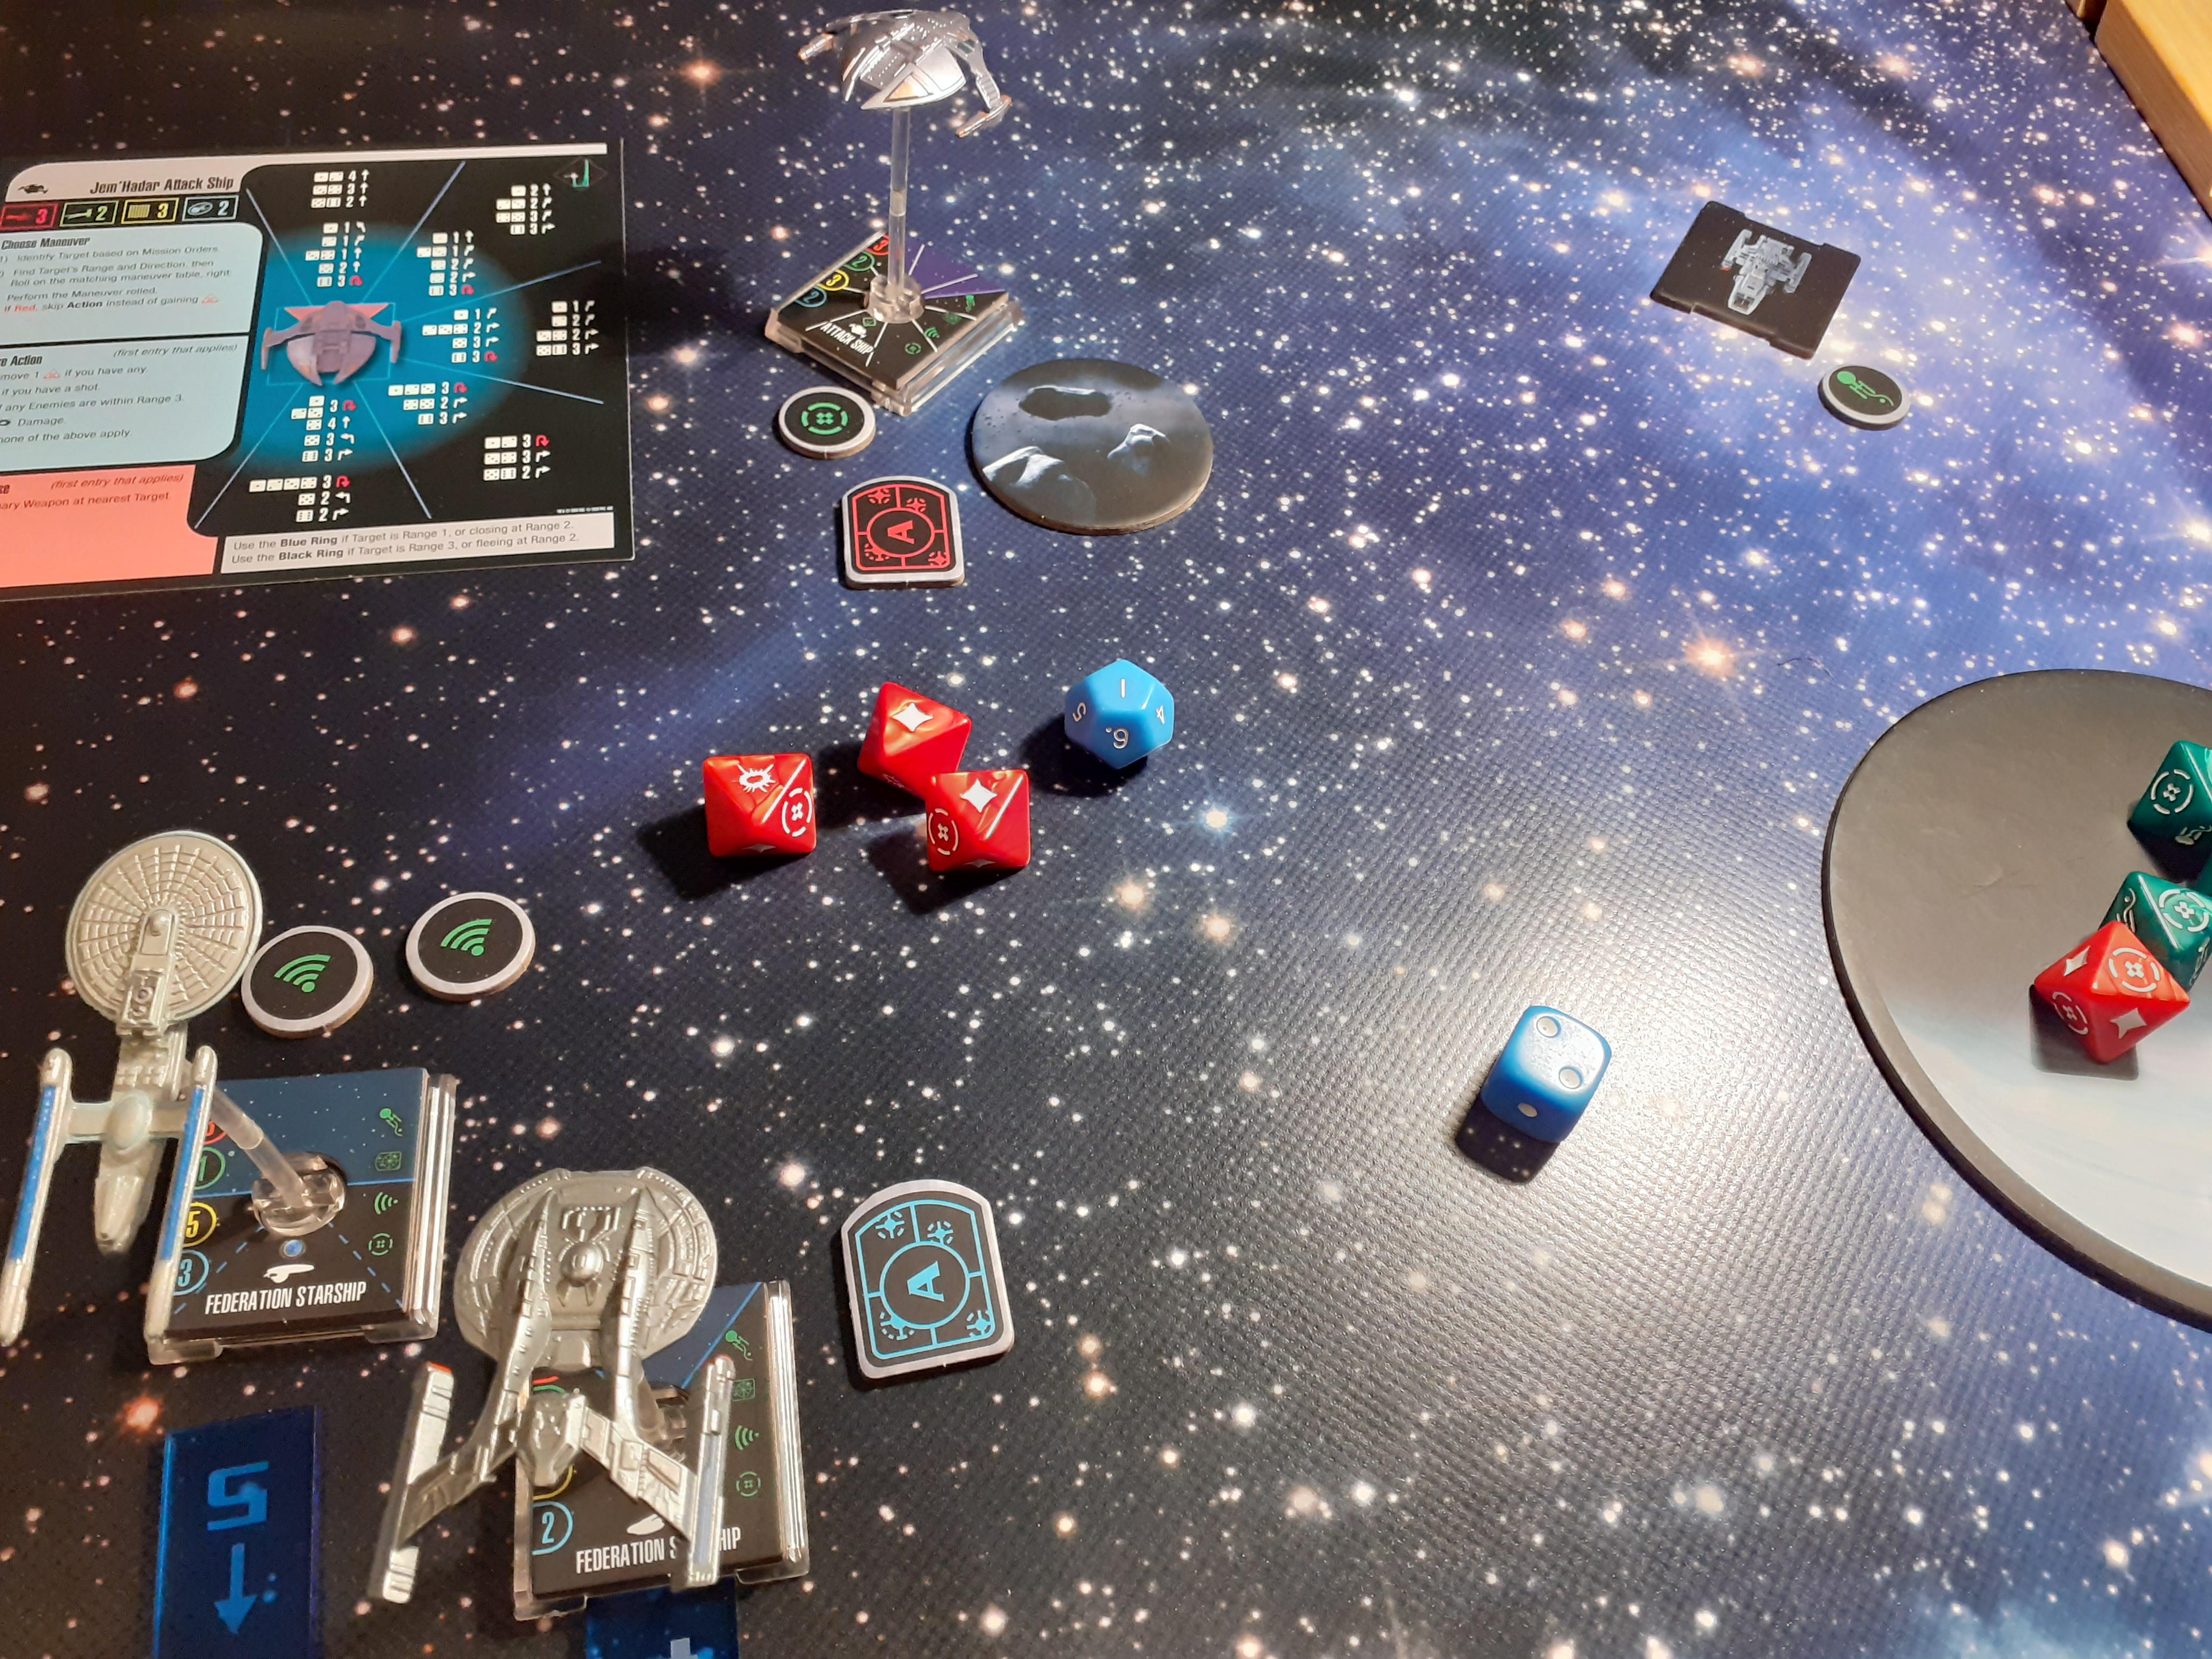 [Star Trek Alliance - Dominion War Campaign I] Computerlogbuch der Solo-Kampagne von Commander Cut  20210403_011754